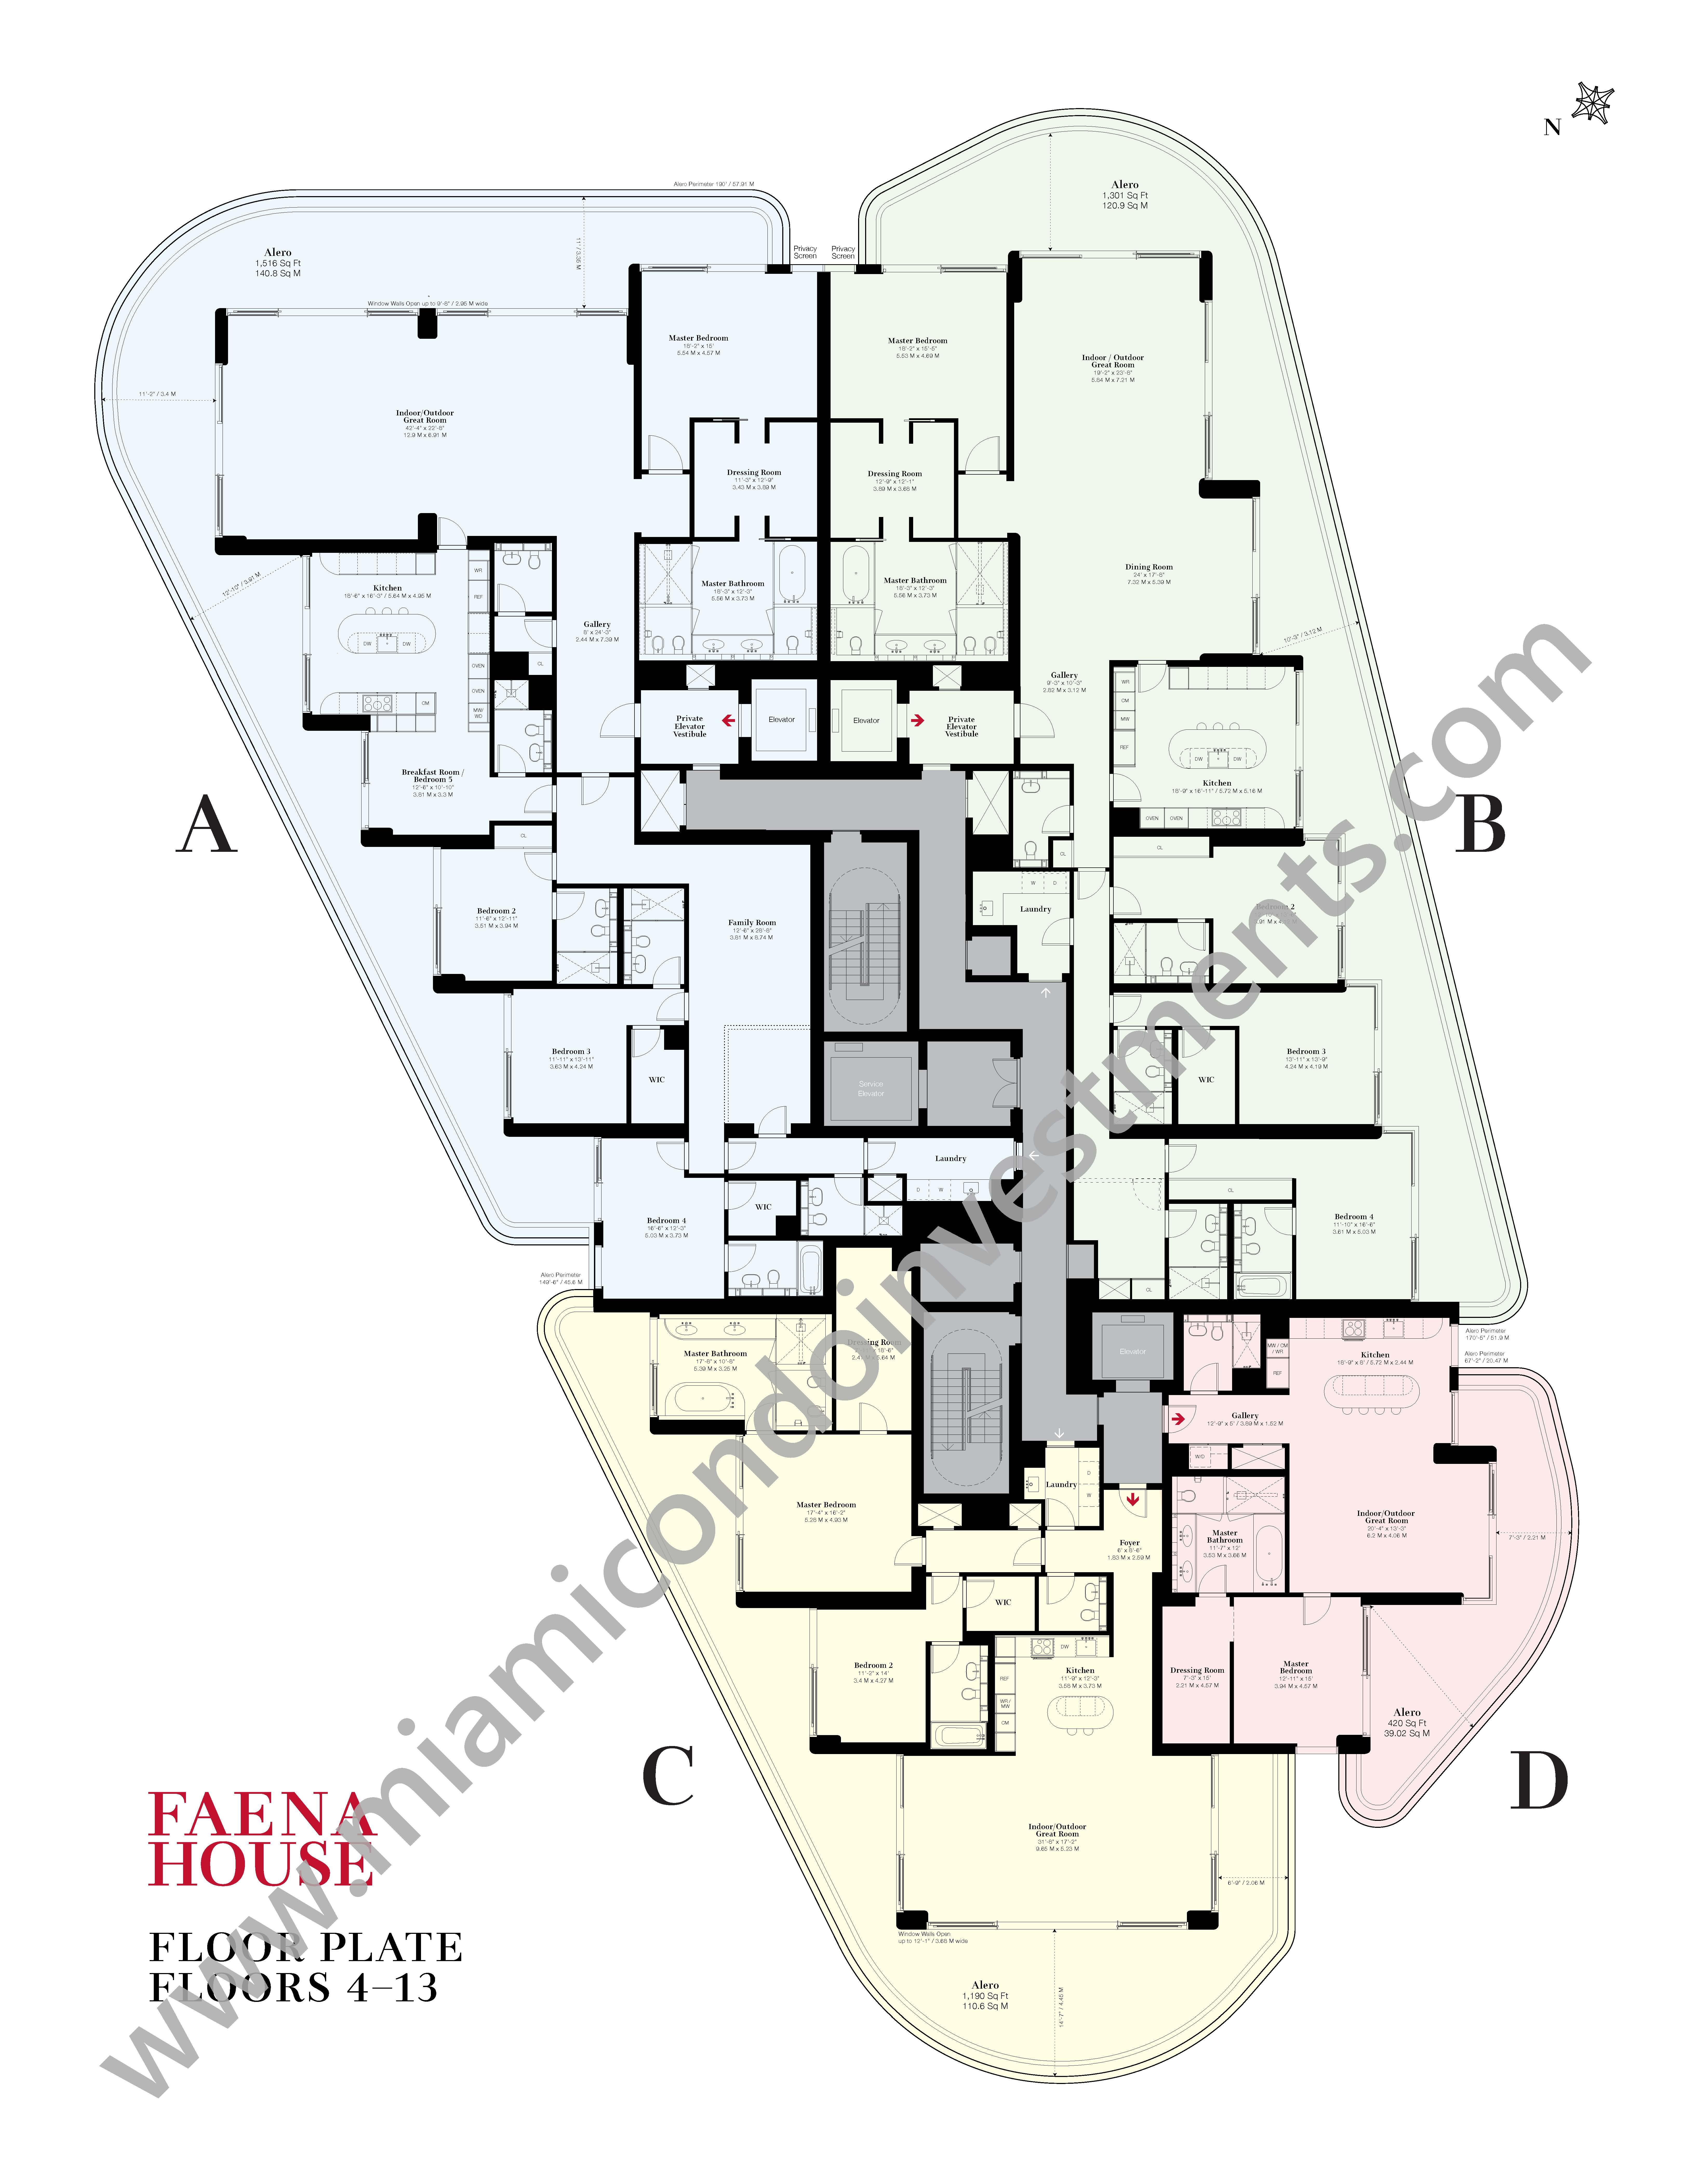 Faena House Site Plan